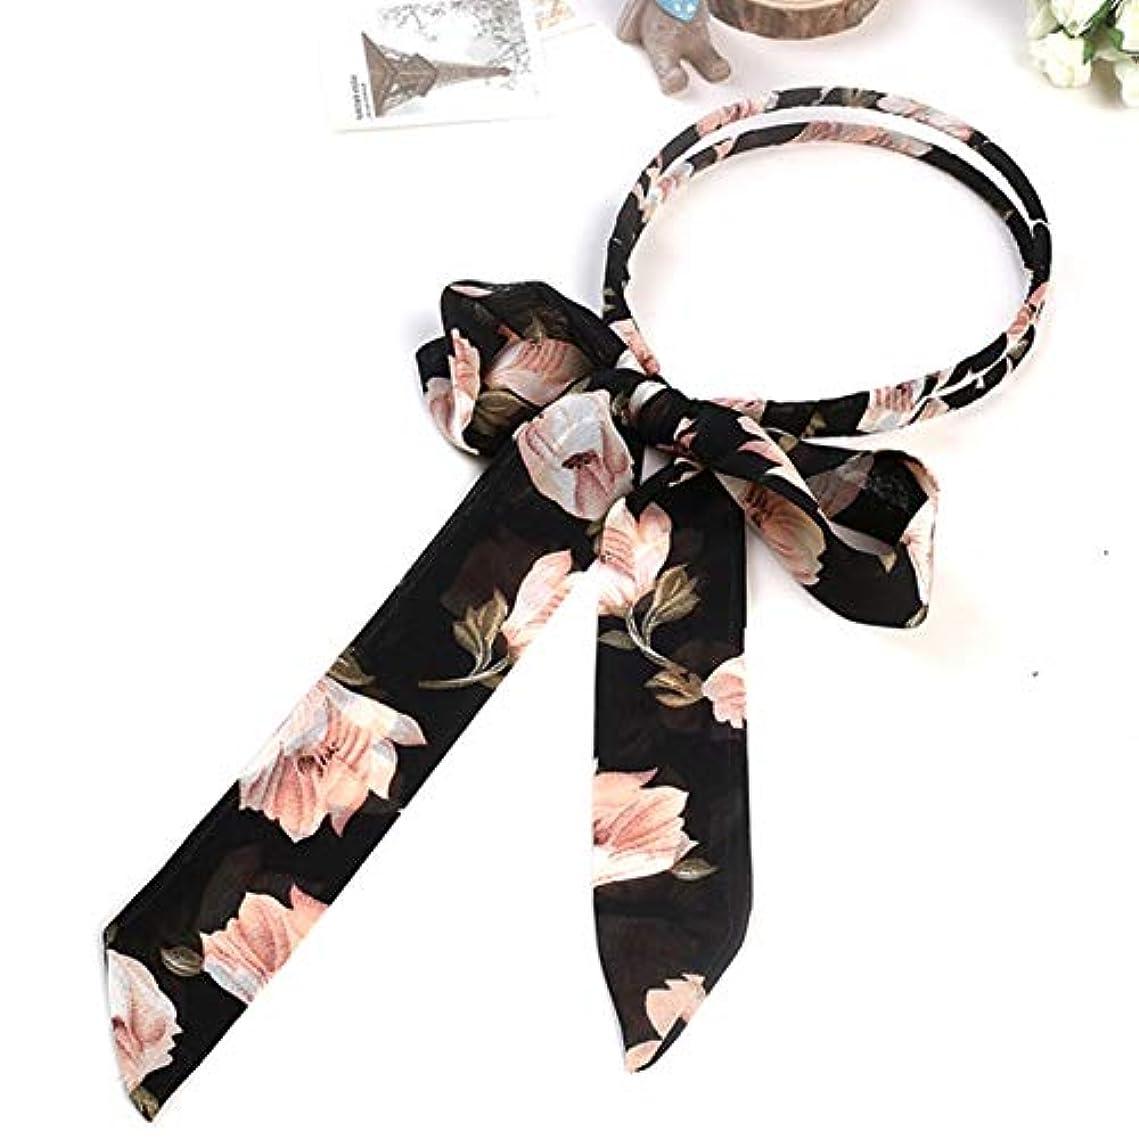 認める何もないダーツサリーの店 便利なデザイン韓国女性スウィート女の子ボウヘアヘッドバンド編み花弓の結び目リボン毛フープ(None 5)